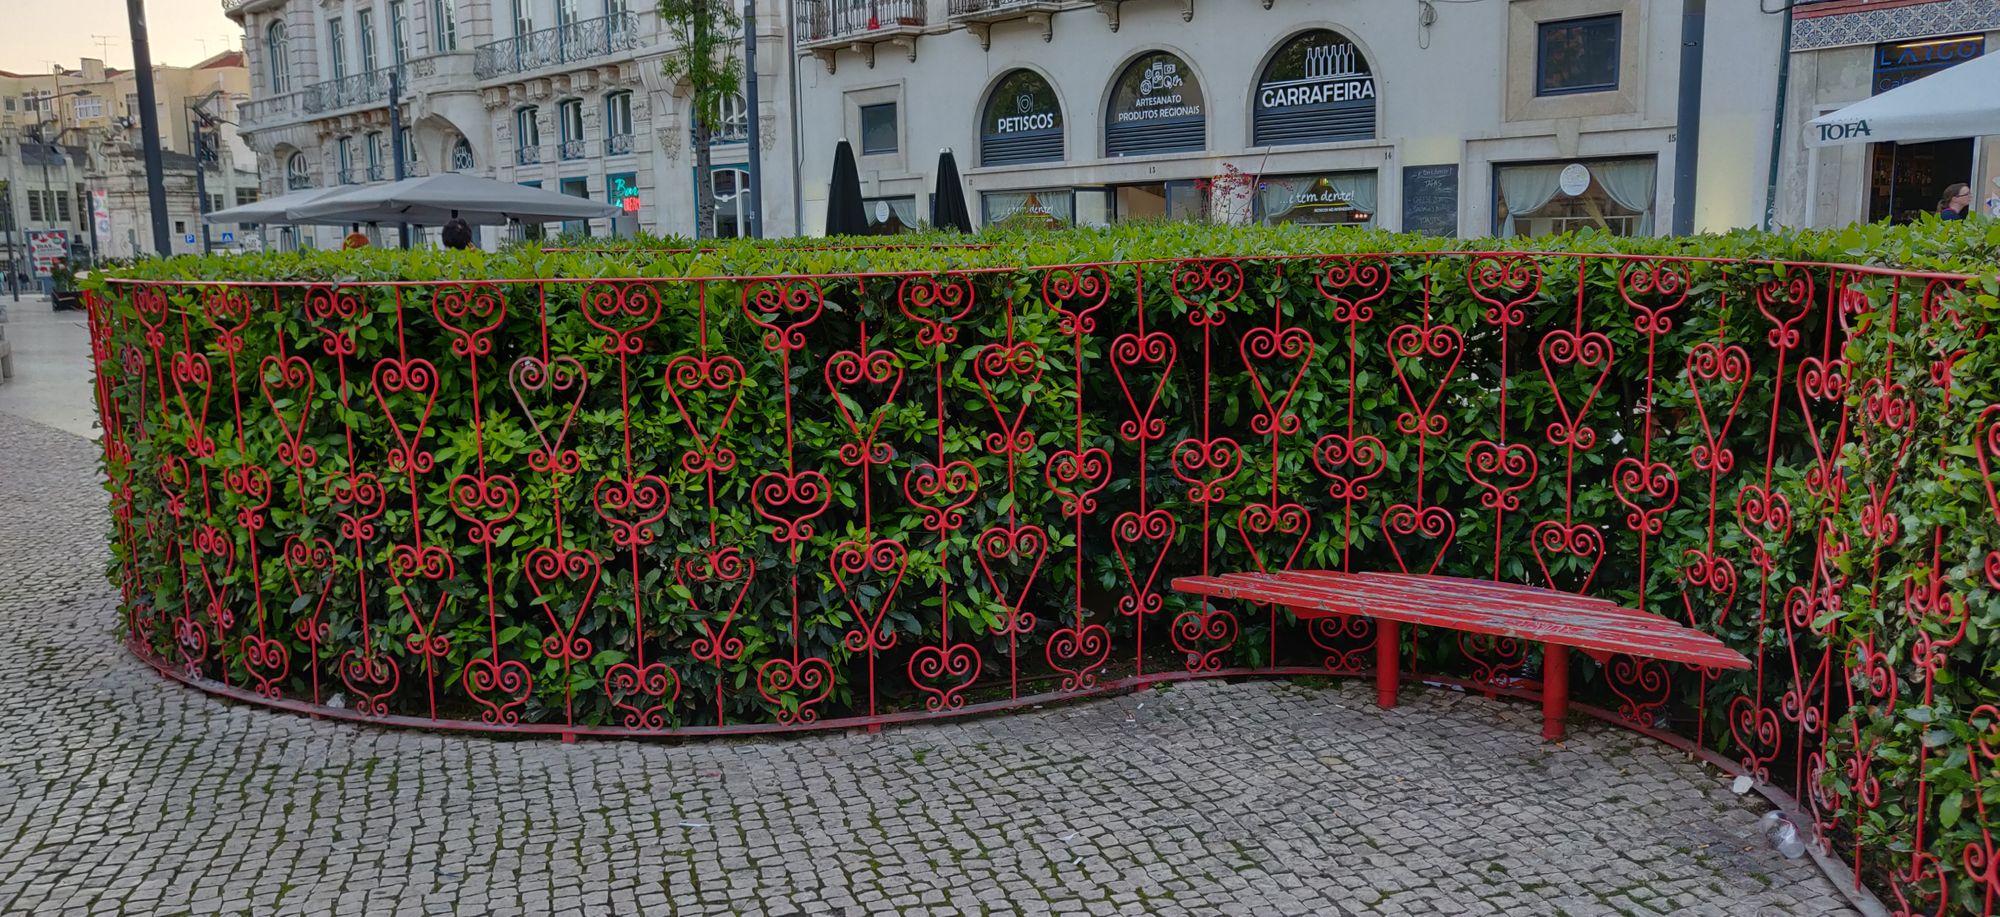 Des buissons dans entre des clôtures en formes de coeurs